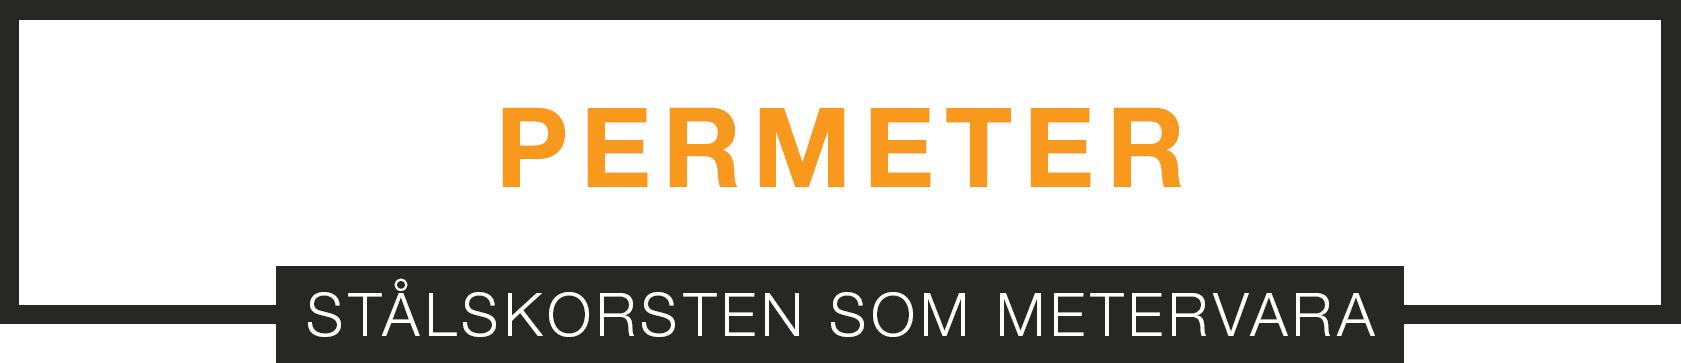 PERMETER - Stålskorsten som metervara